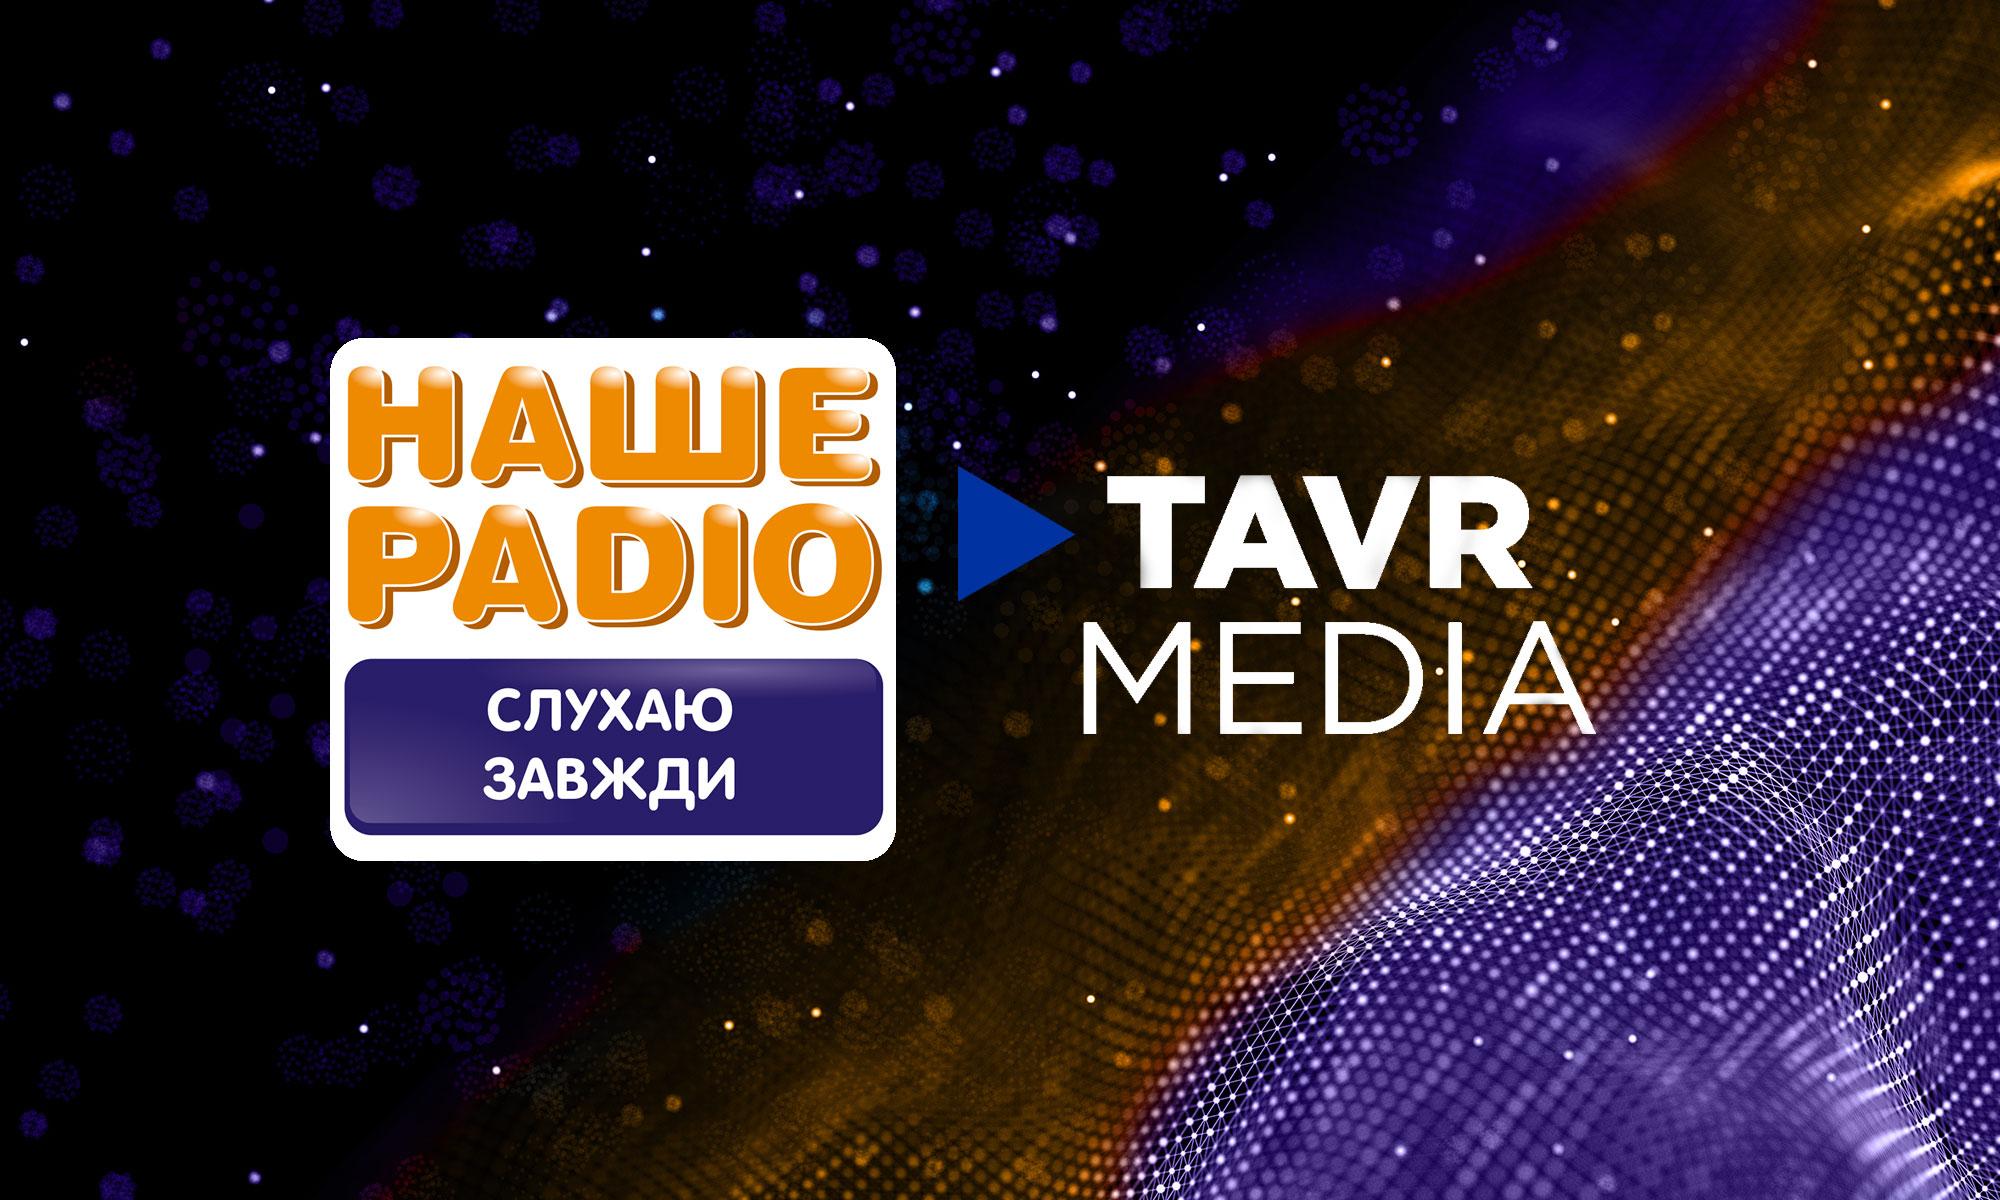 TAVR Media